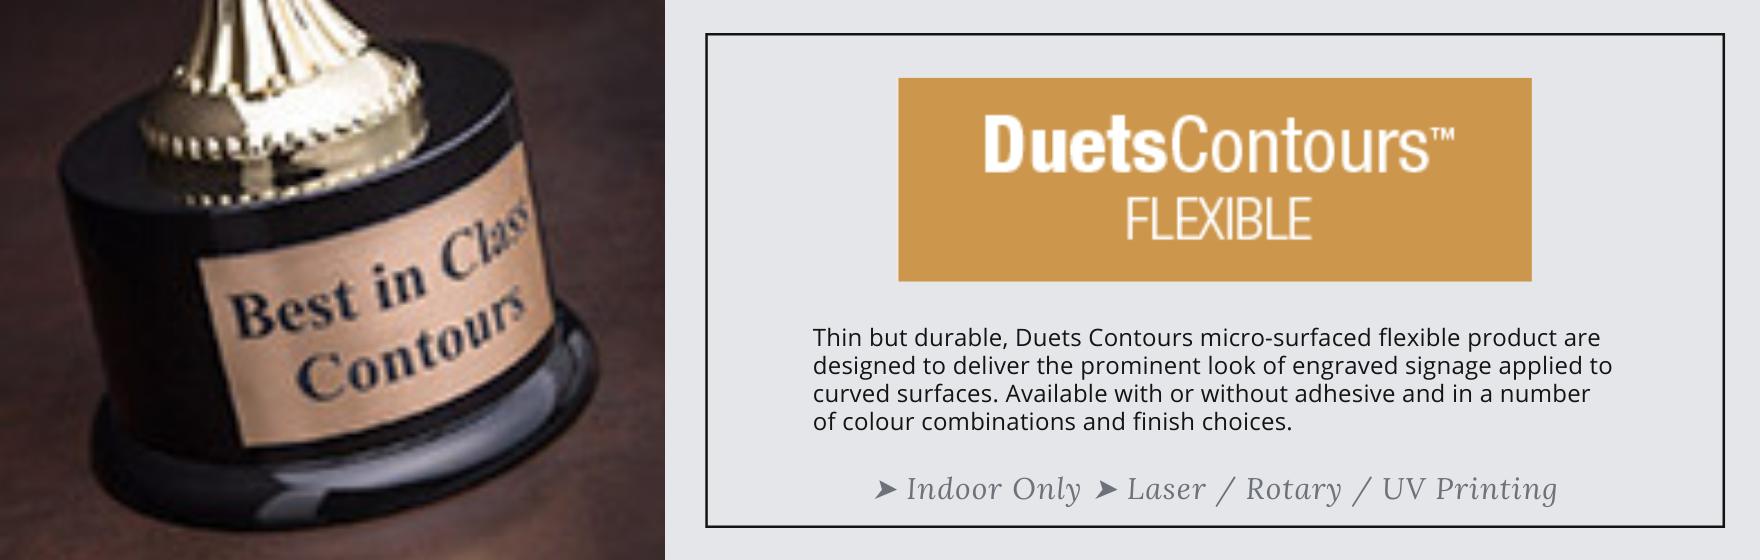 Duets Contours